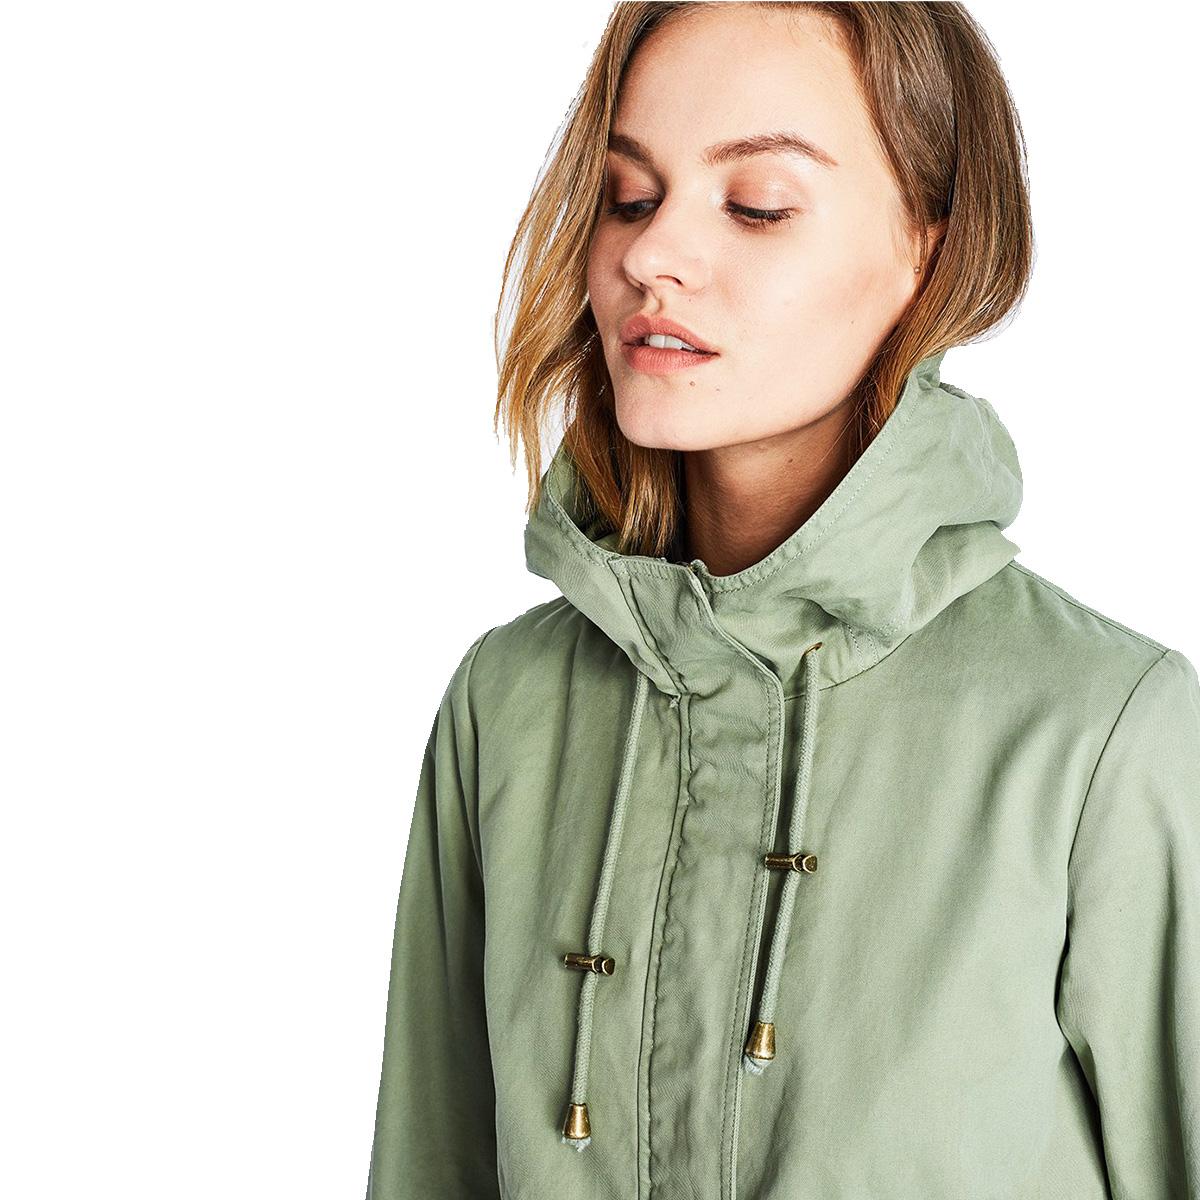 Thời trang Thụy Sĩ siêu tự nhiên của phụ nữ thời trang áo gió mới khí gió áo khoác nữ giữa dài mỏng - Trench Coat